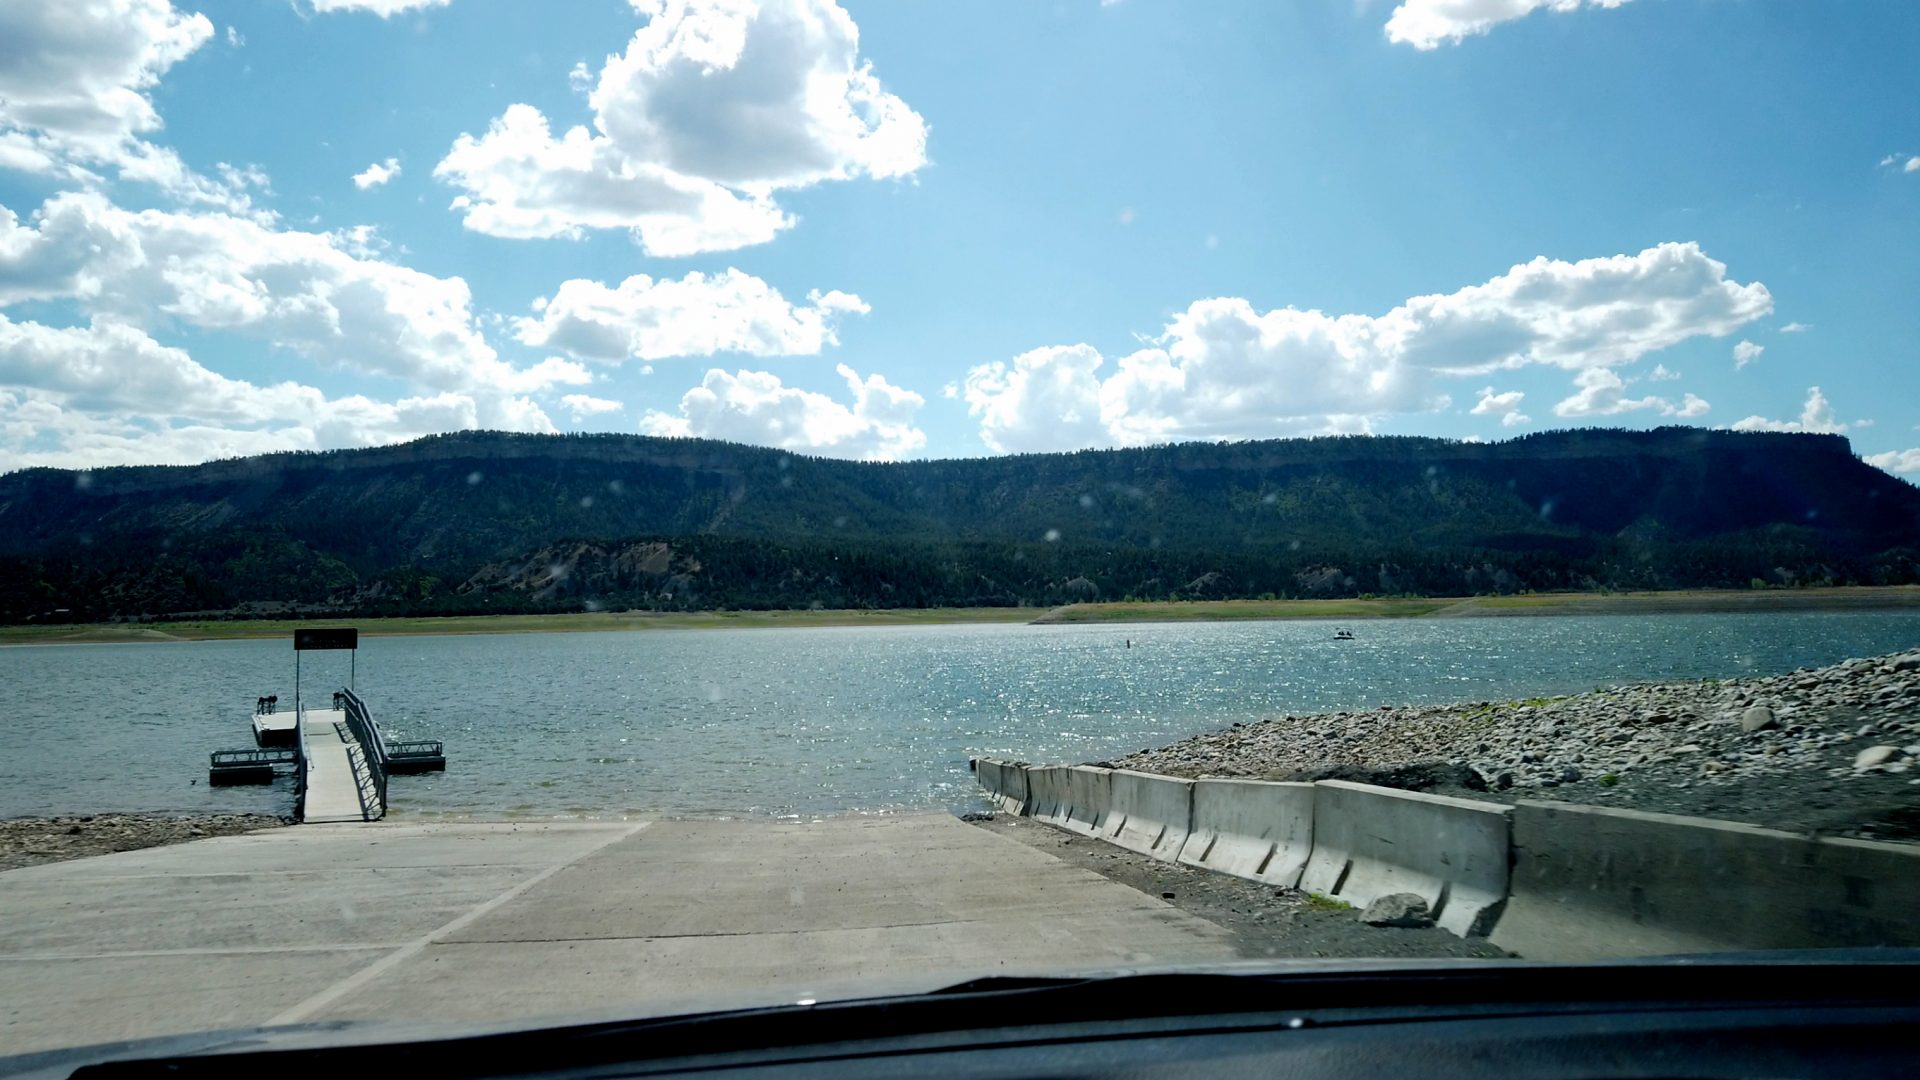 El Vado Lake State Park Boat Ramp